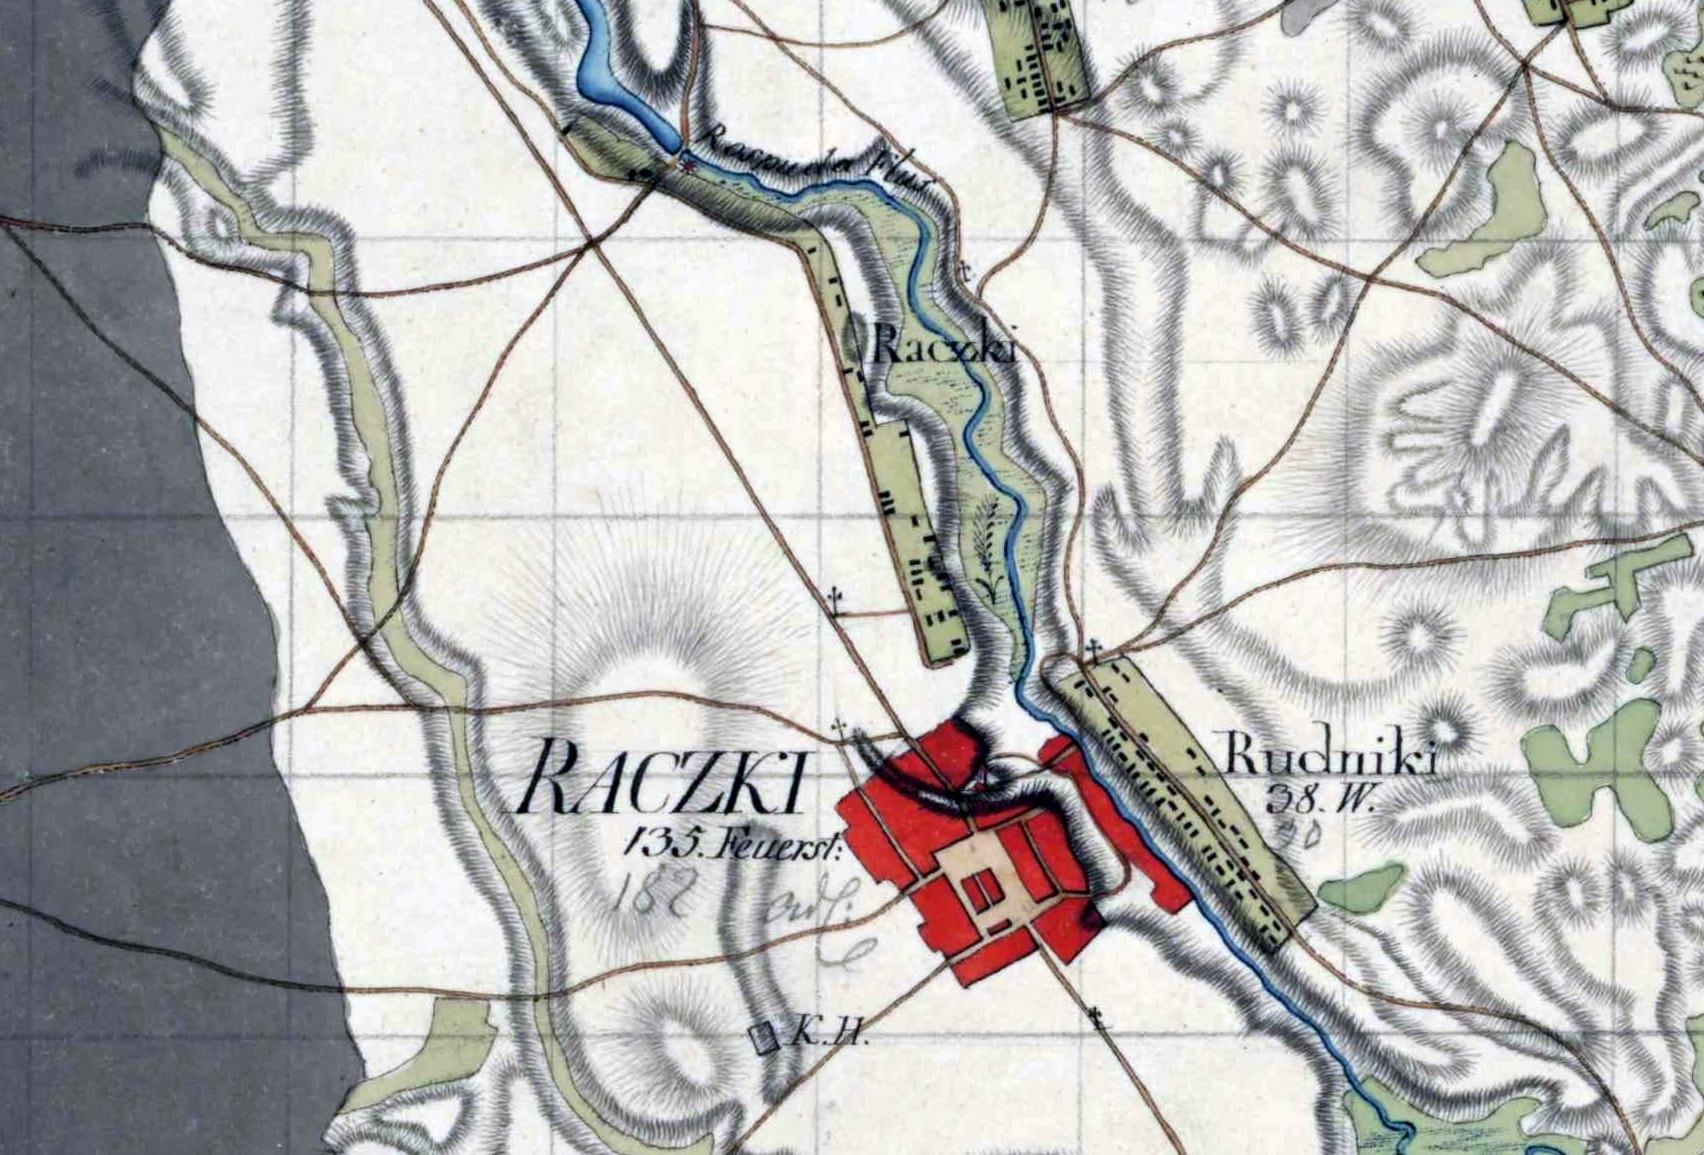 Miasto i wieś Raczki na pruskiej mapie wojskowej z lat 1795-1805.